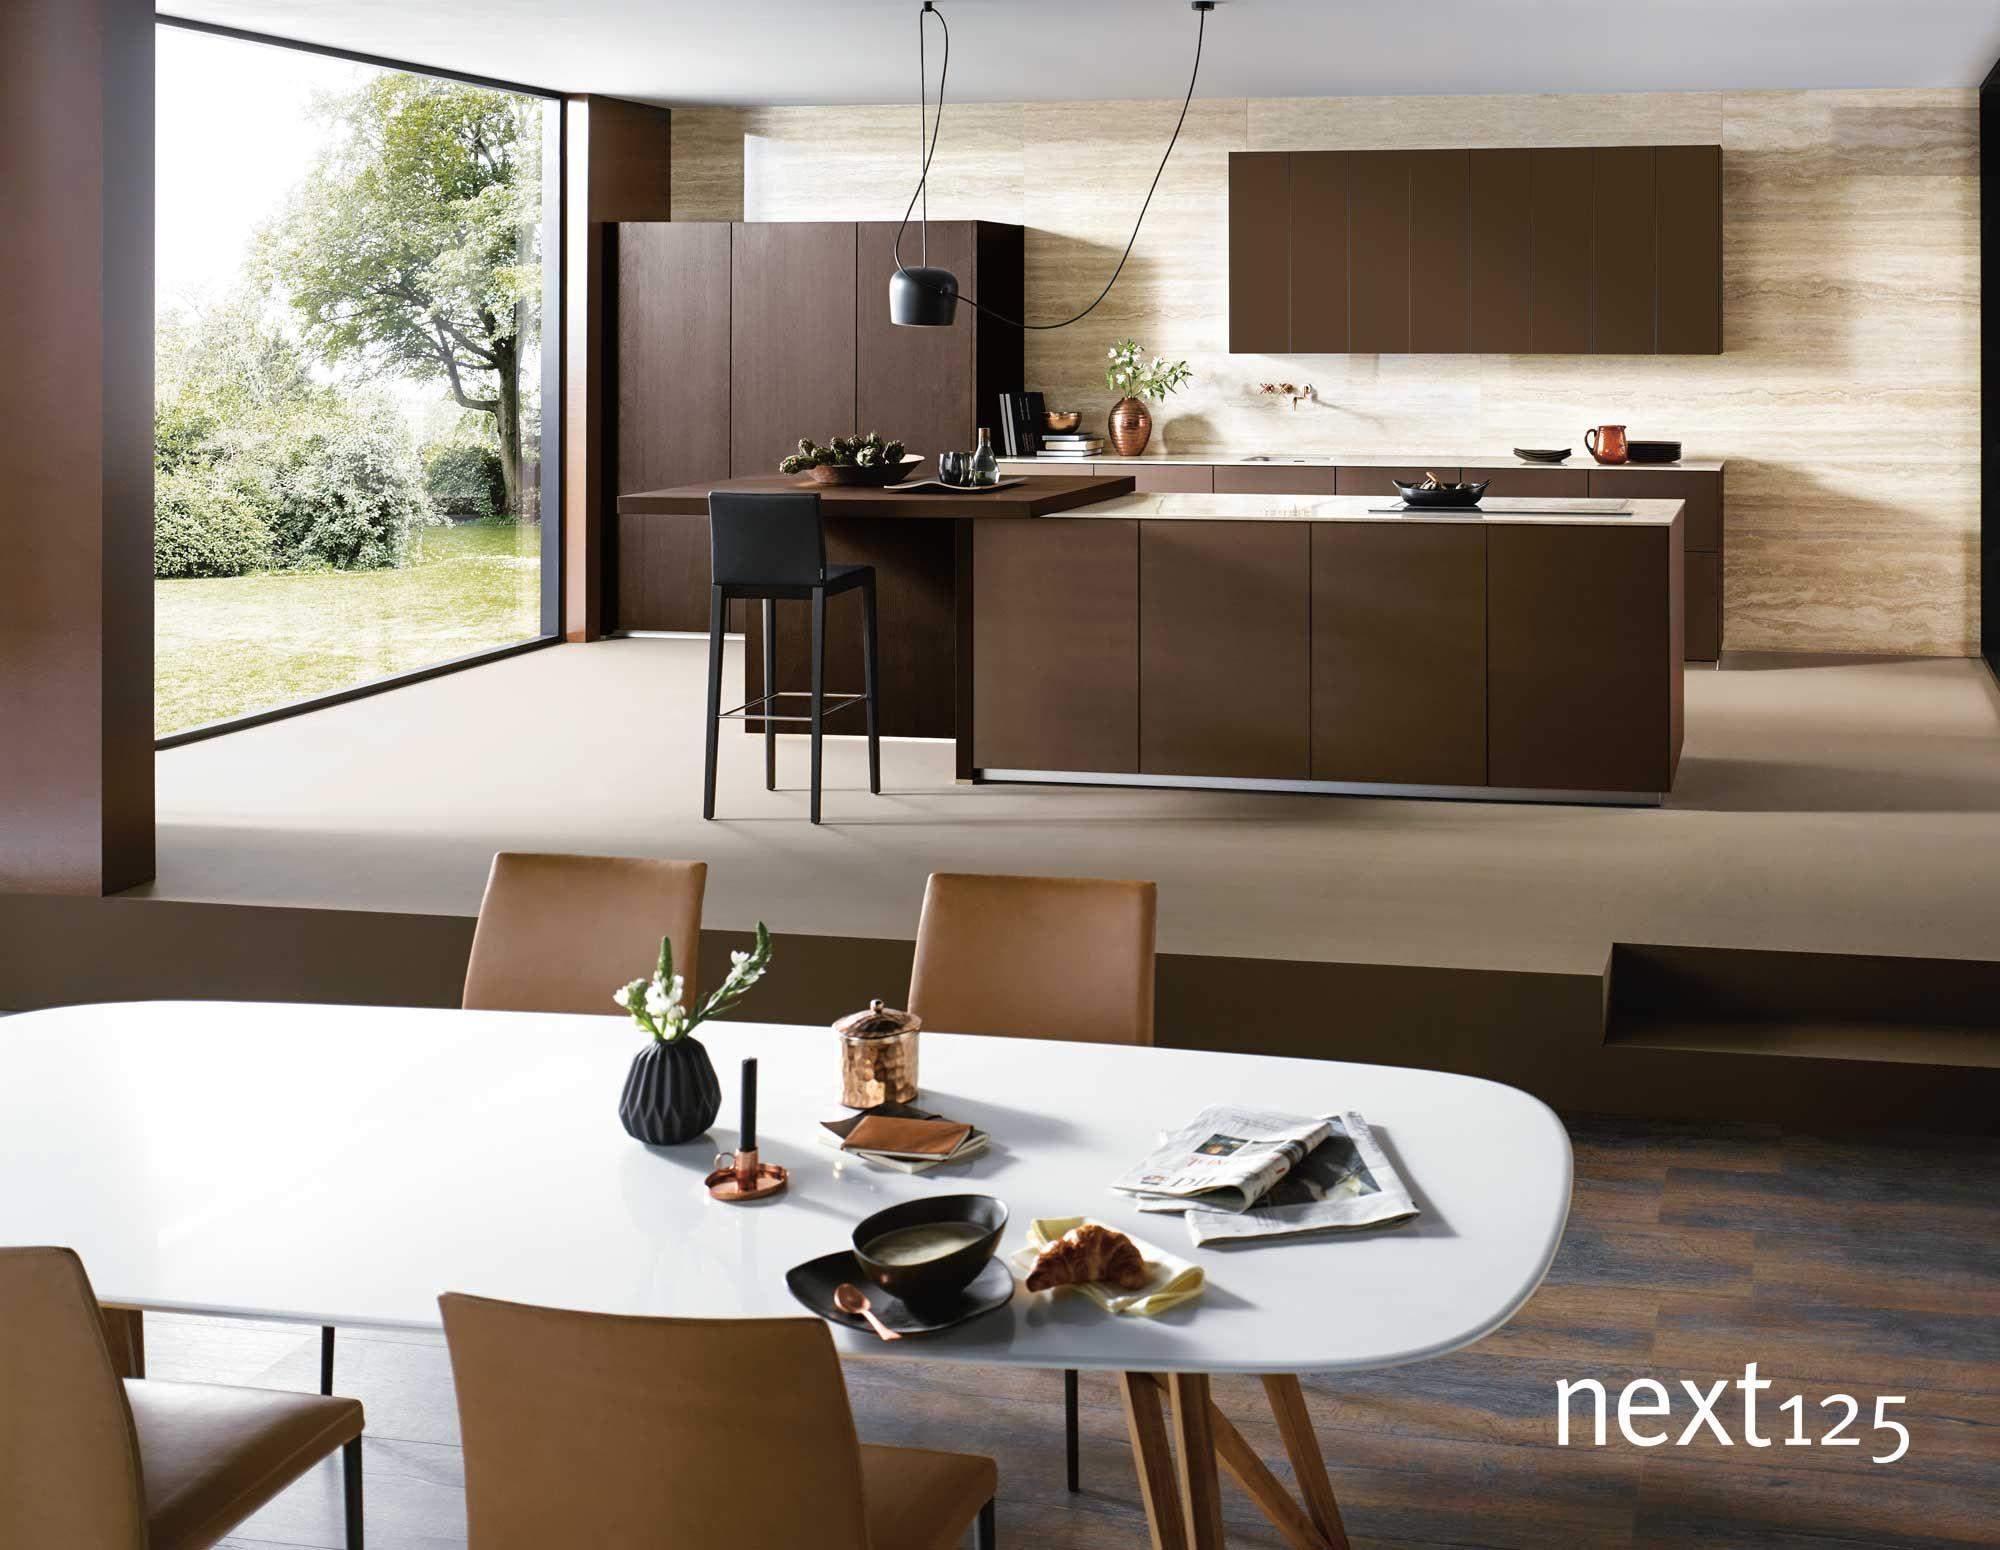 Ihre neue next125 Küche! DesignKüche nx902 in Bronze